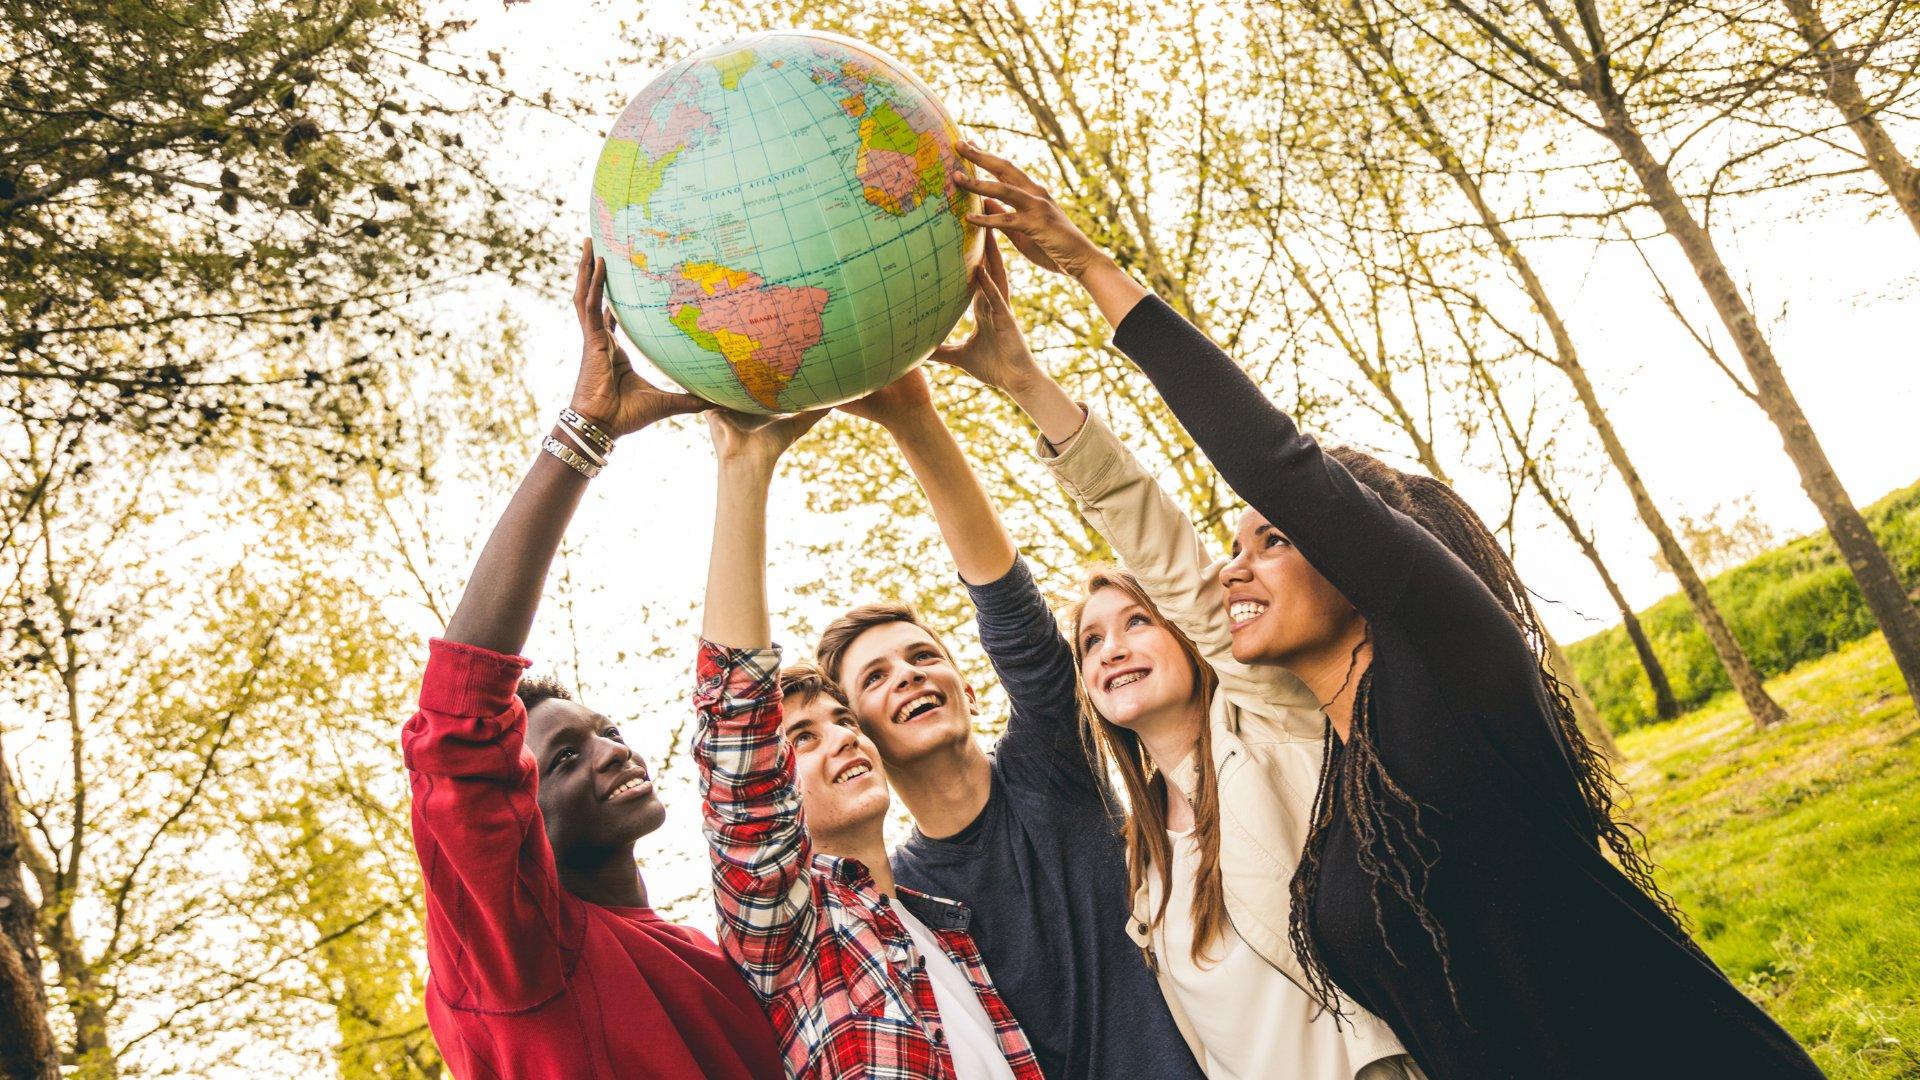 Grupo de jovens sorrindo e erguendo um globo terrestre para cima